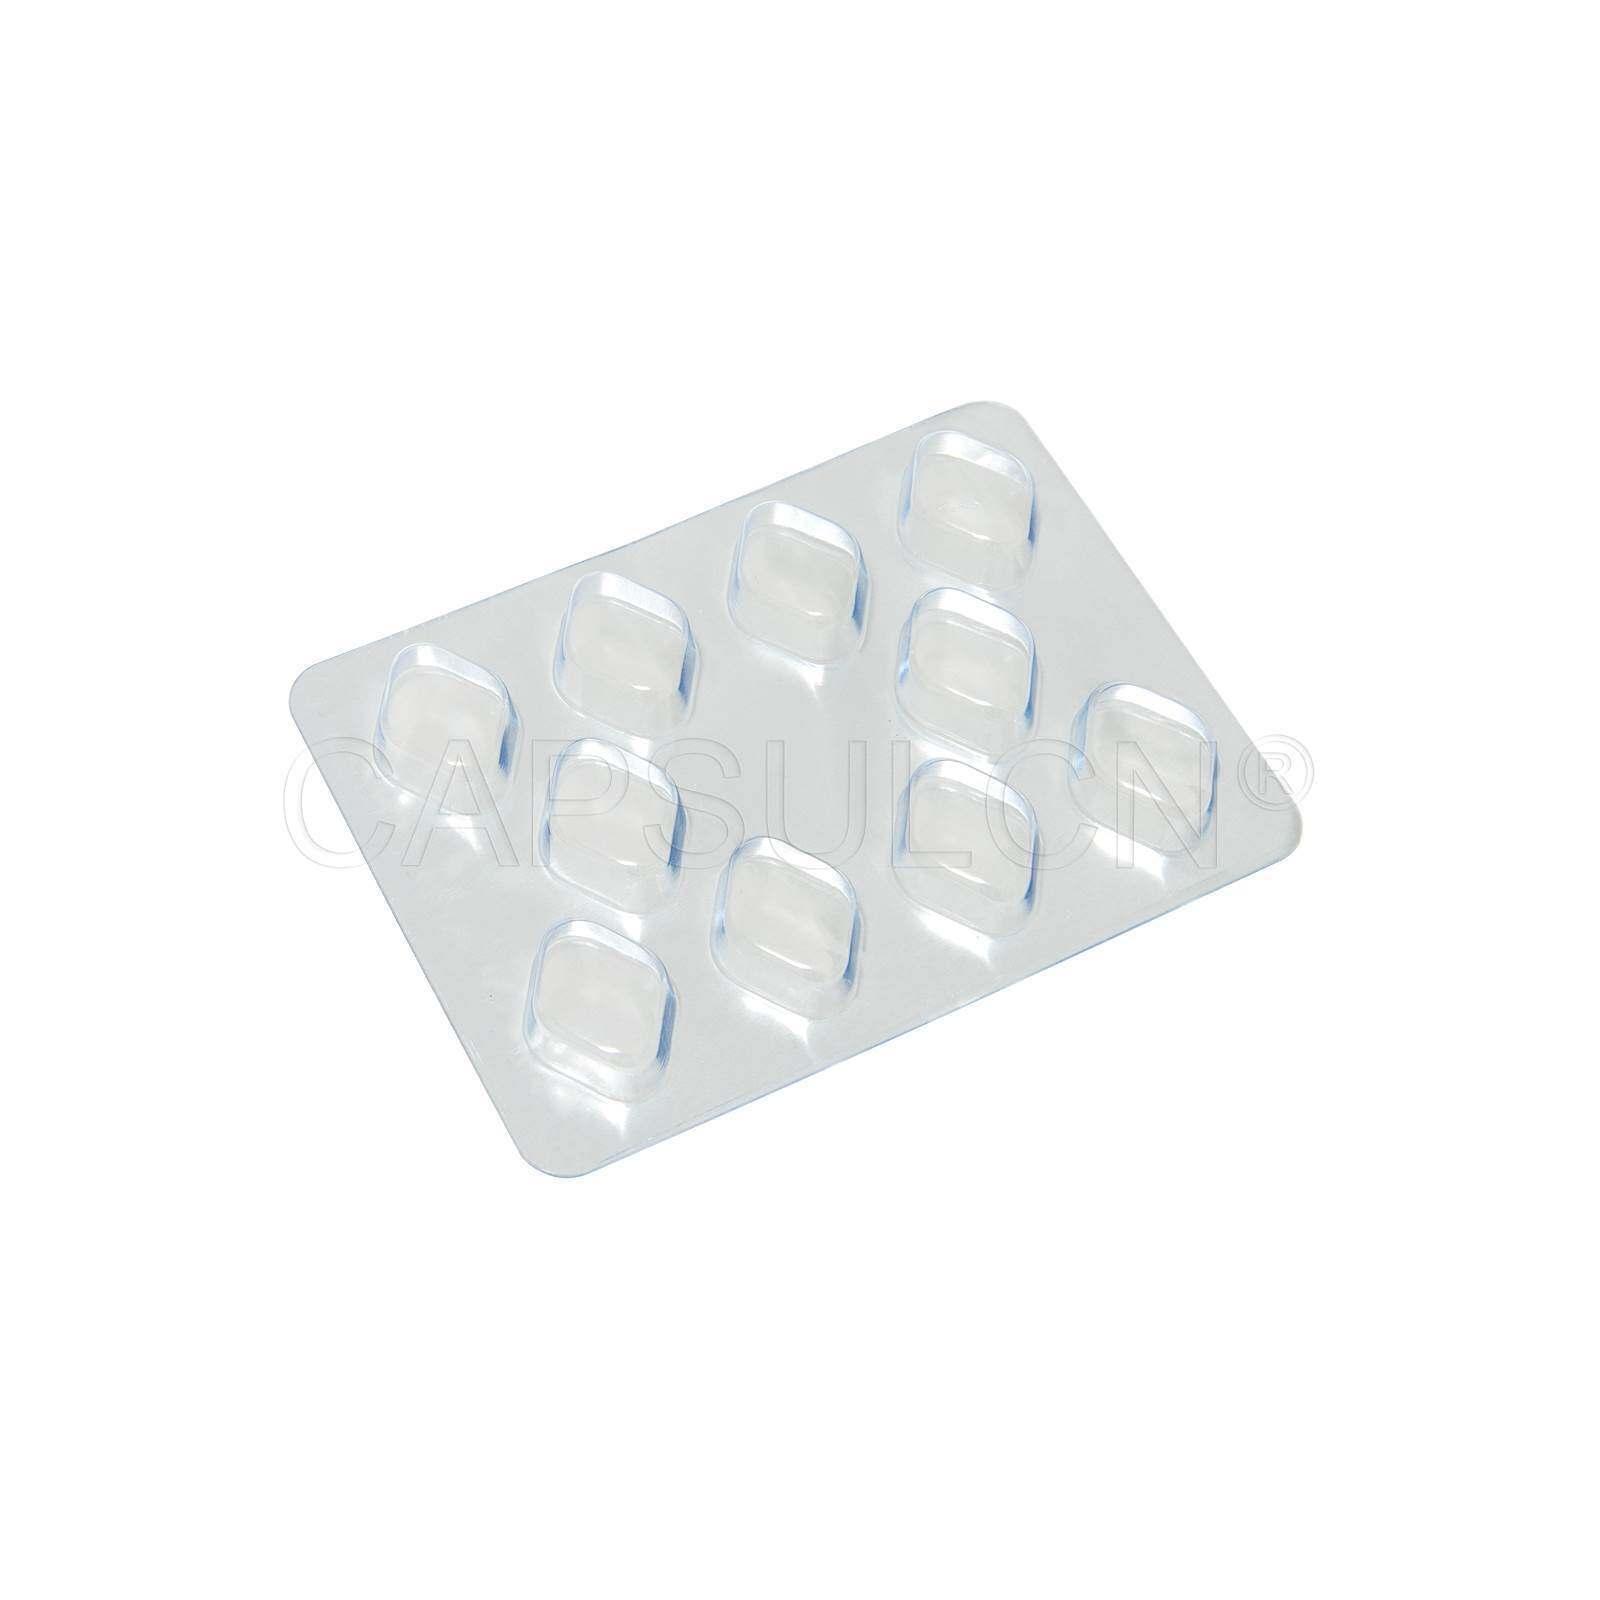 Bild von Größe 0 Kapsel Blister Packungsbogen mit 10 Löchern